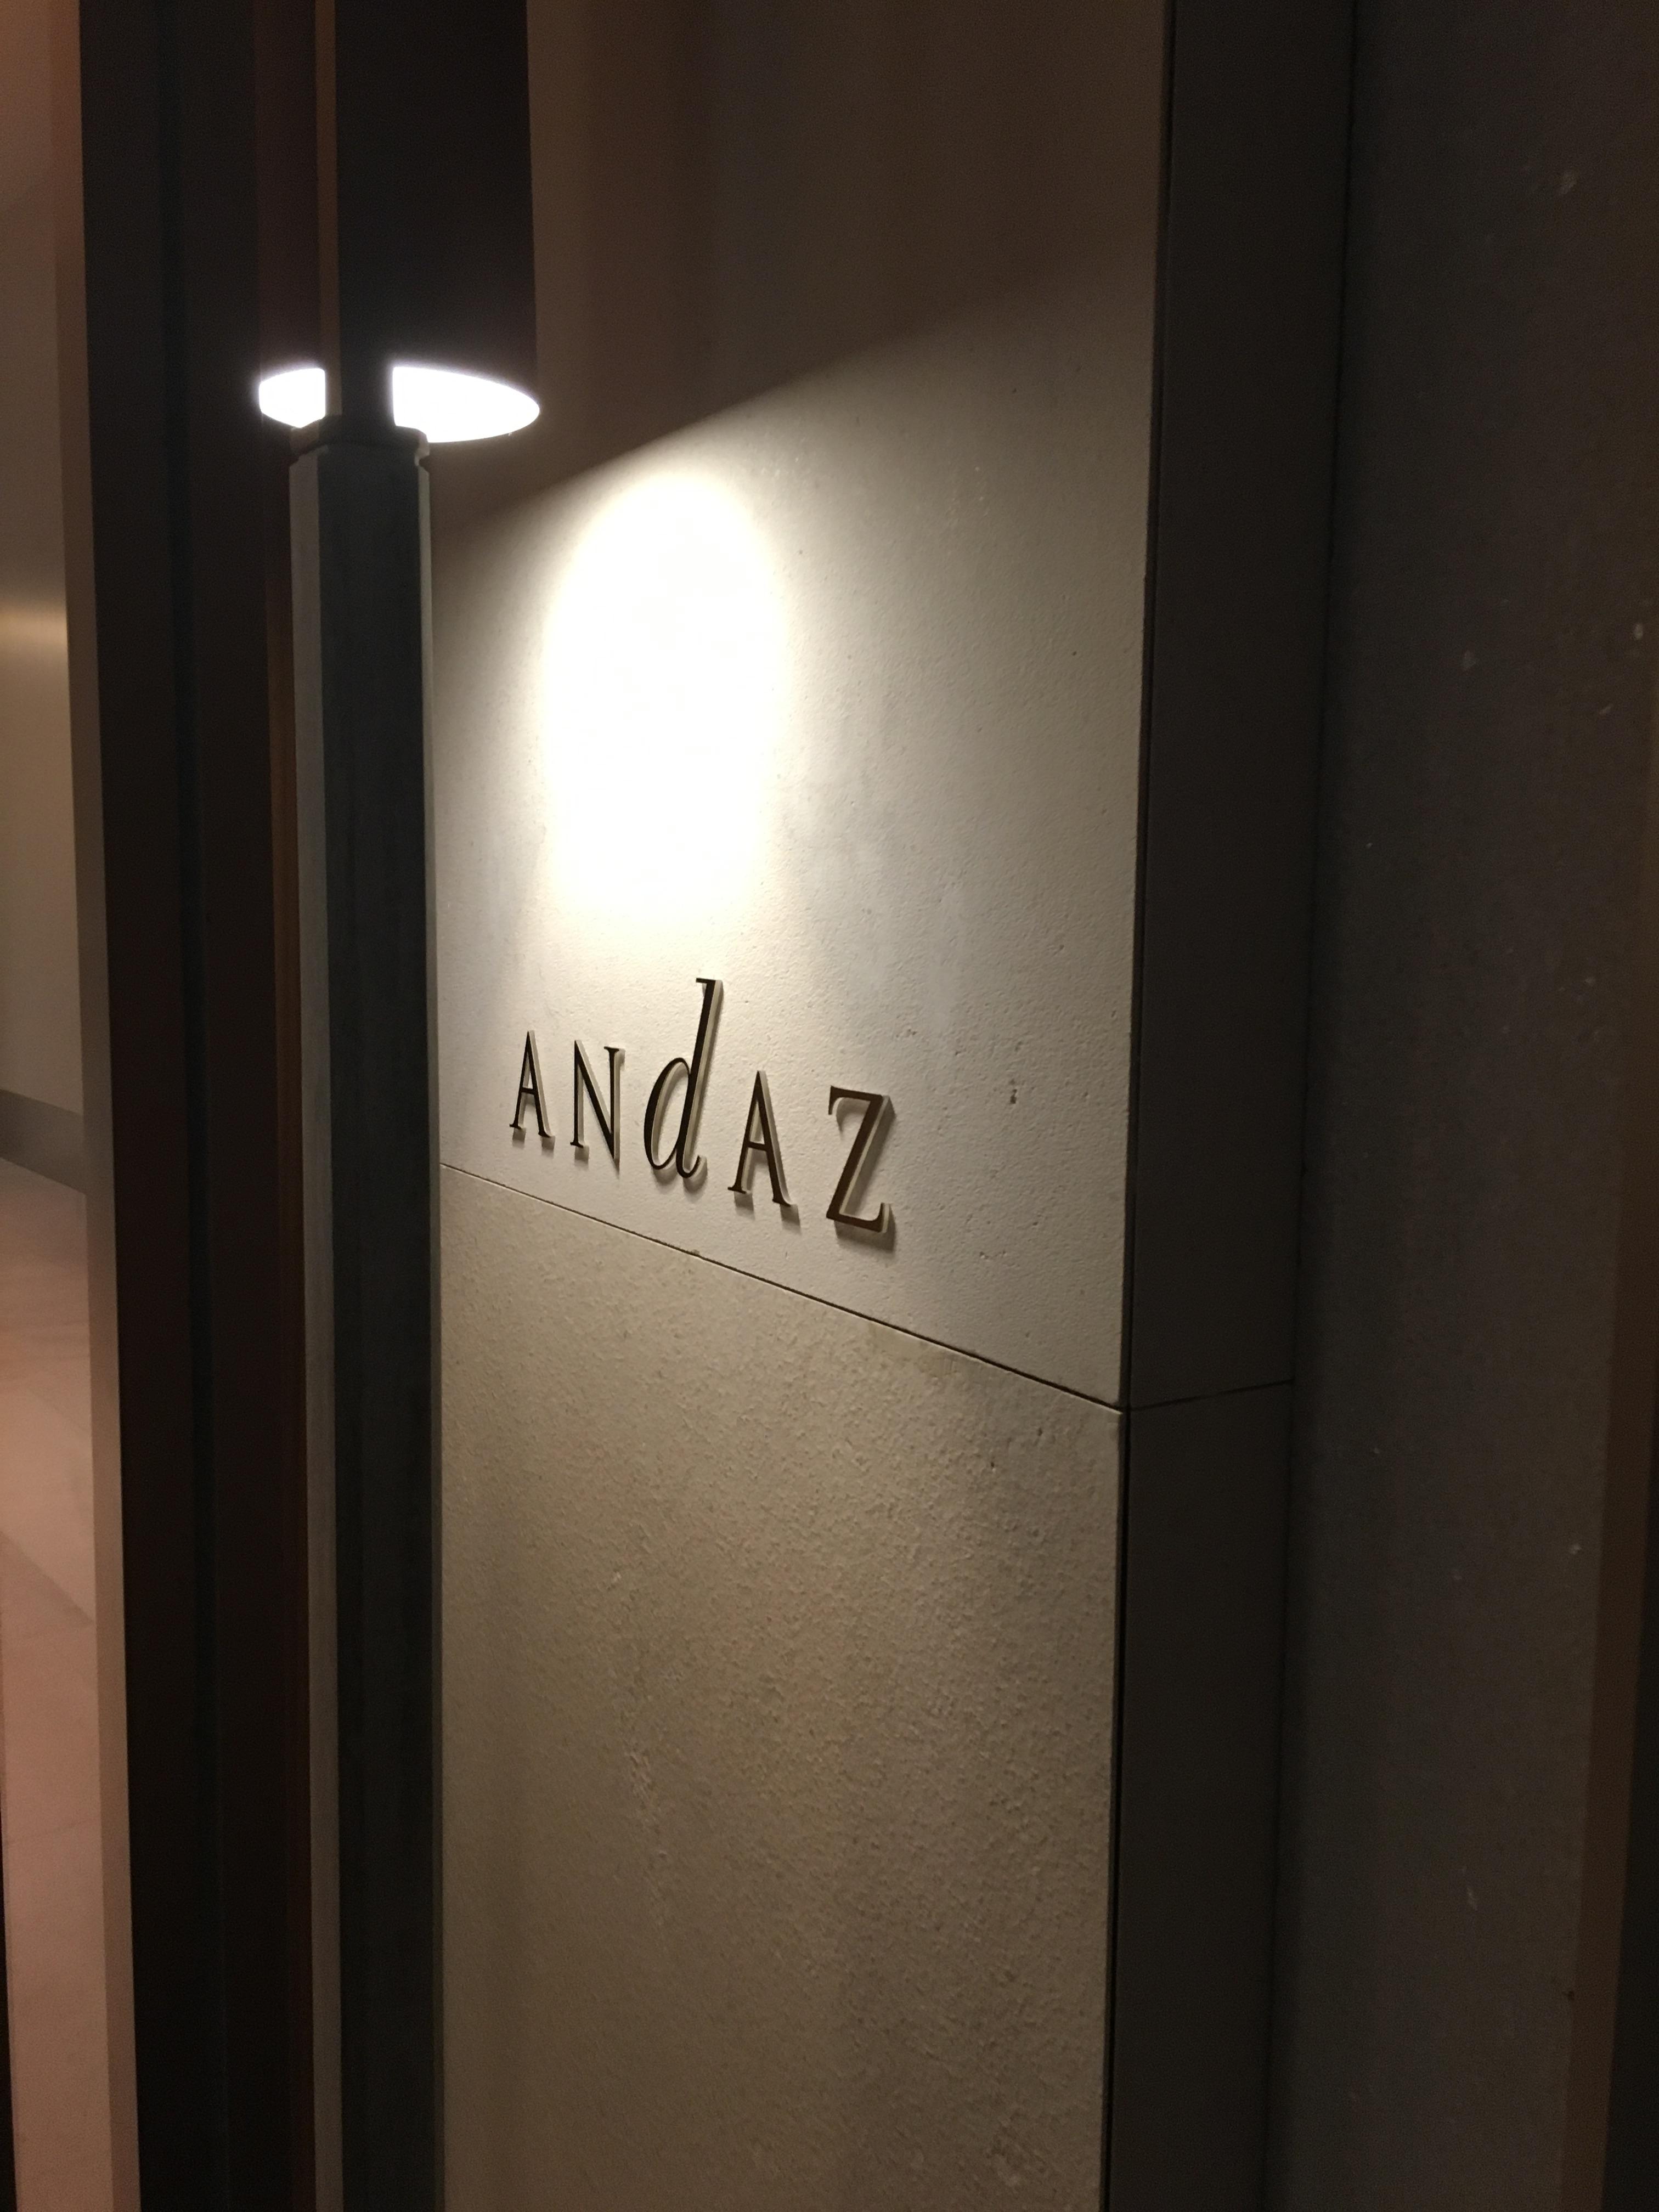 ハイアット ライフタイムグローバリストへの道#24(アンダーズ シンガポール(Andaz Singapore))